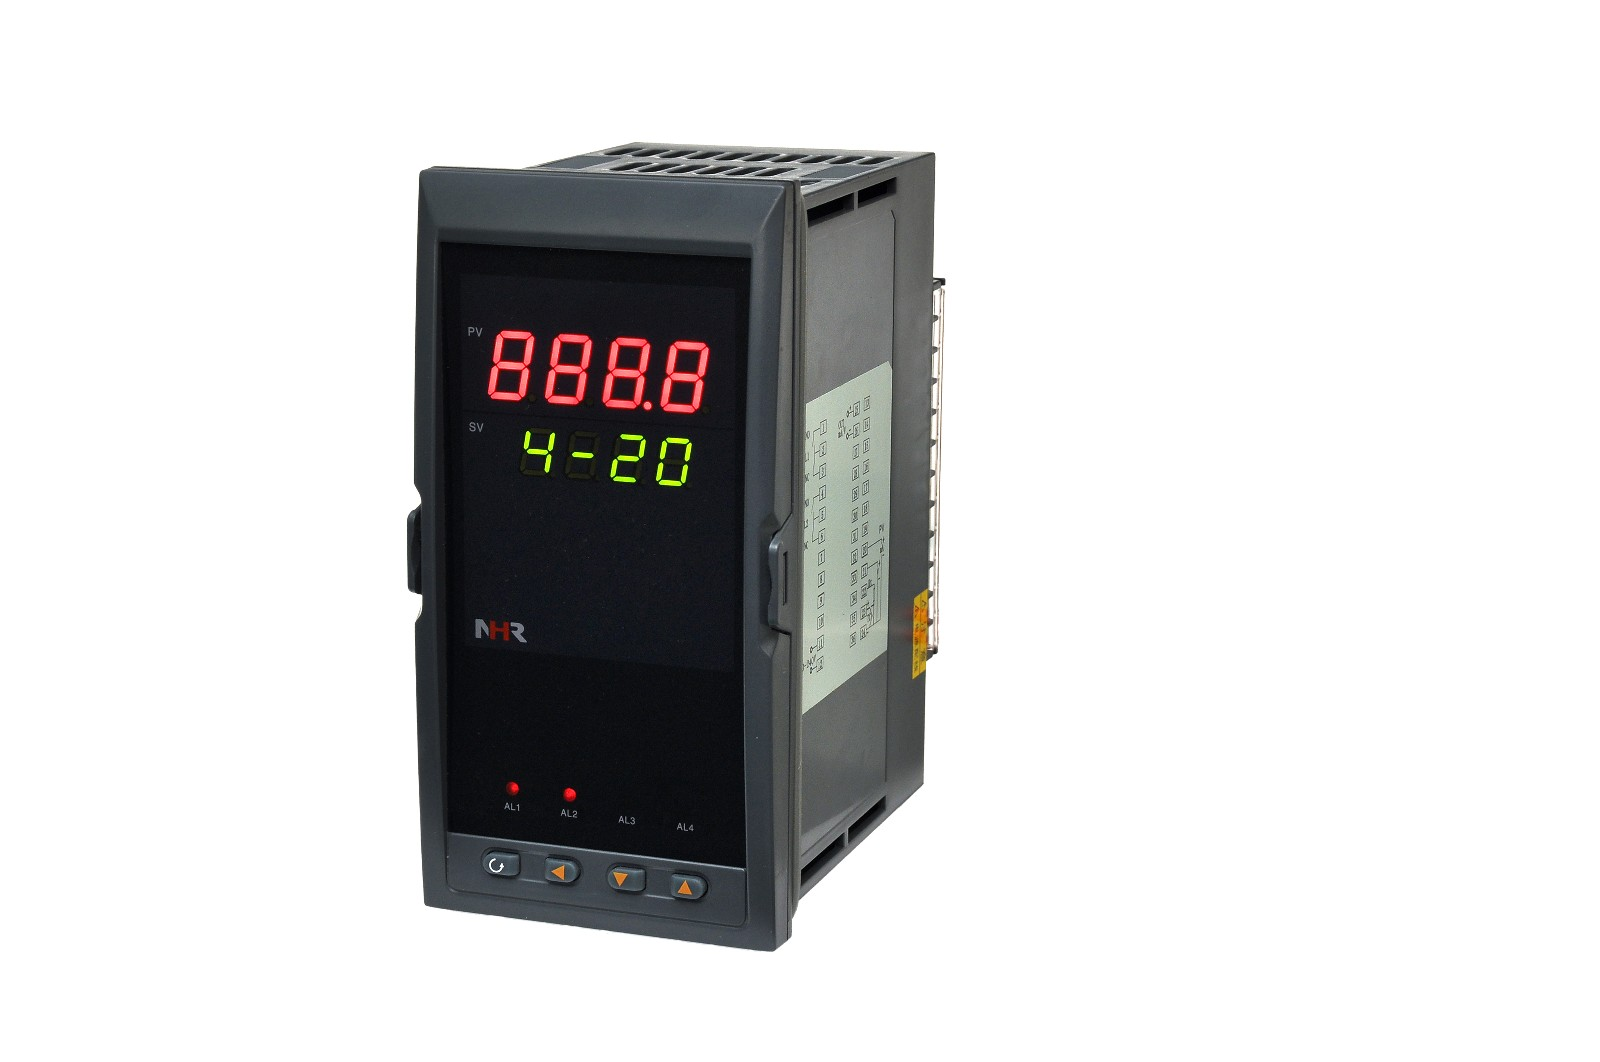 香港虹润积算仪 频率转换隔离器/模块 上海速坤仪器仪表有限公司